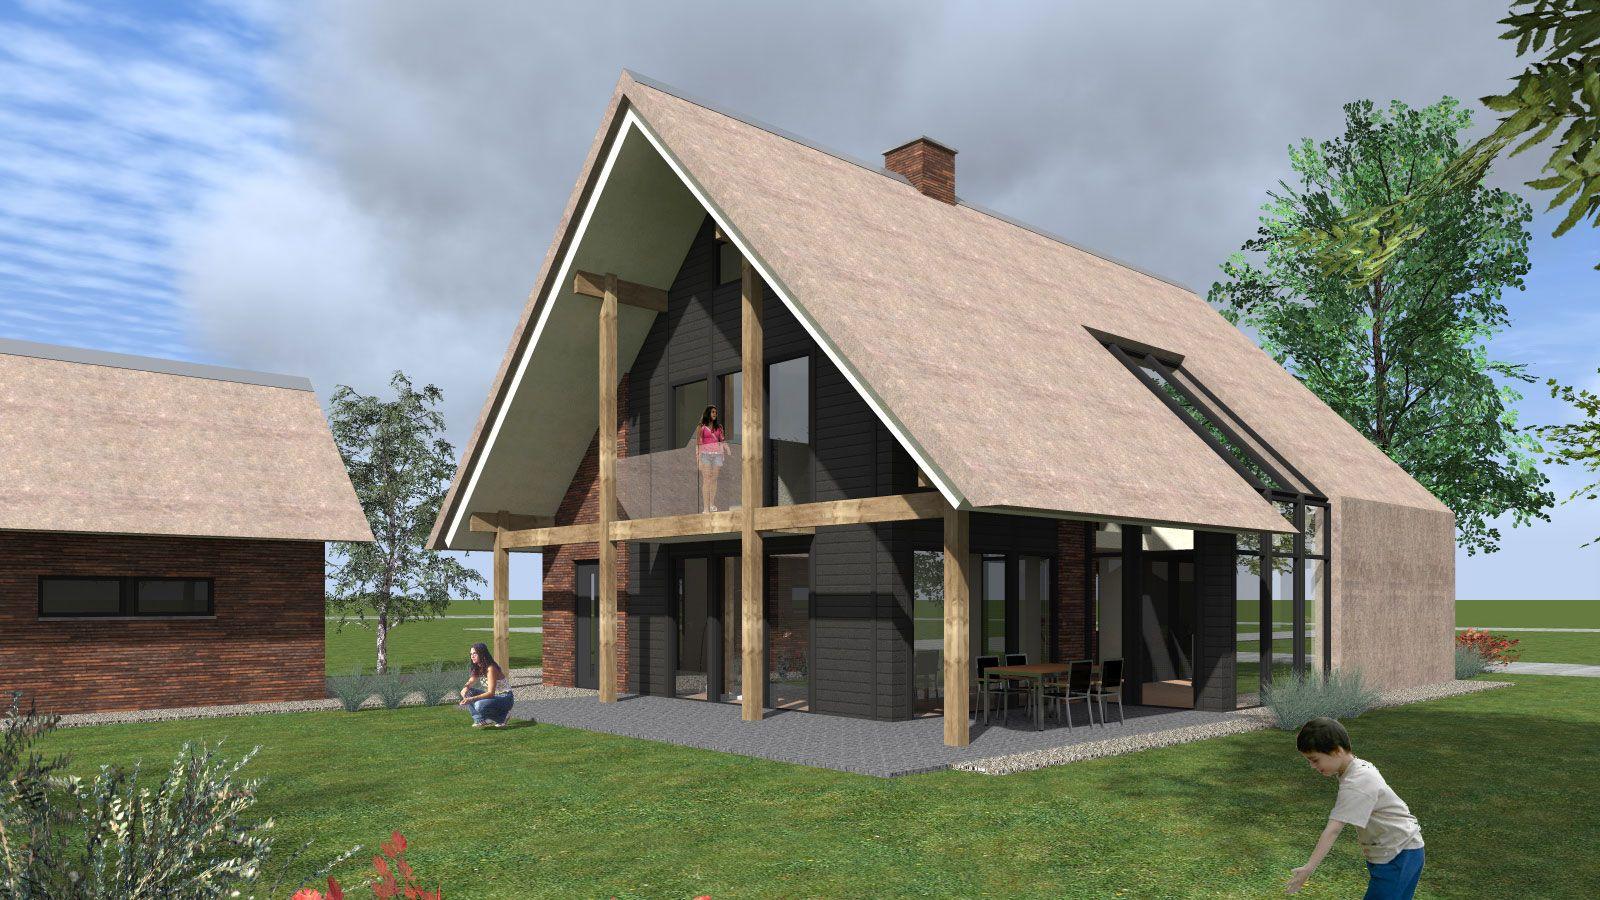 Hedendaagse woning ontwerp door bongers architecten bna bongers architecten bna pinterest for Afbeelding van moderne huizen